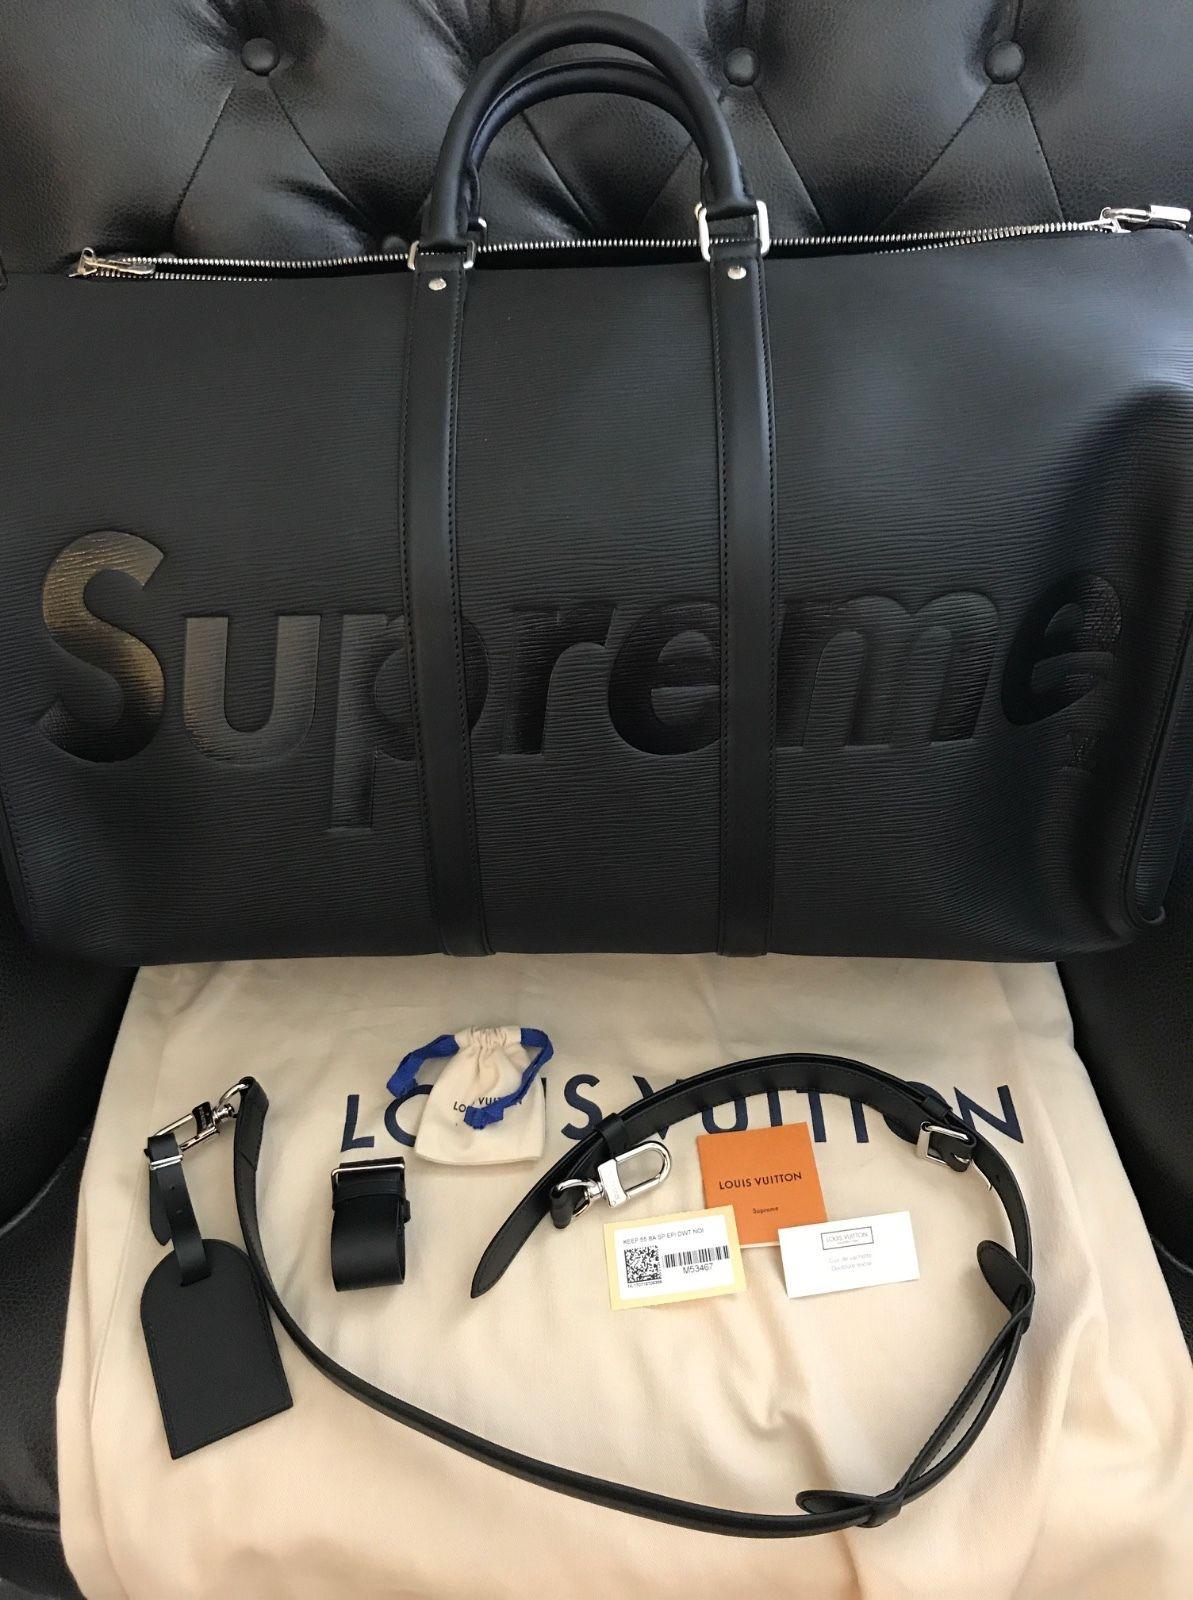 Le superbe sac bandoulière Louis Vuitton X Supreme, édition premium en cuir  noir, s est vendu à 7400  sur eBay.com. 5de84932378